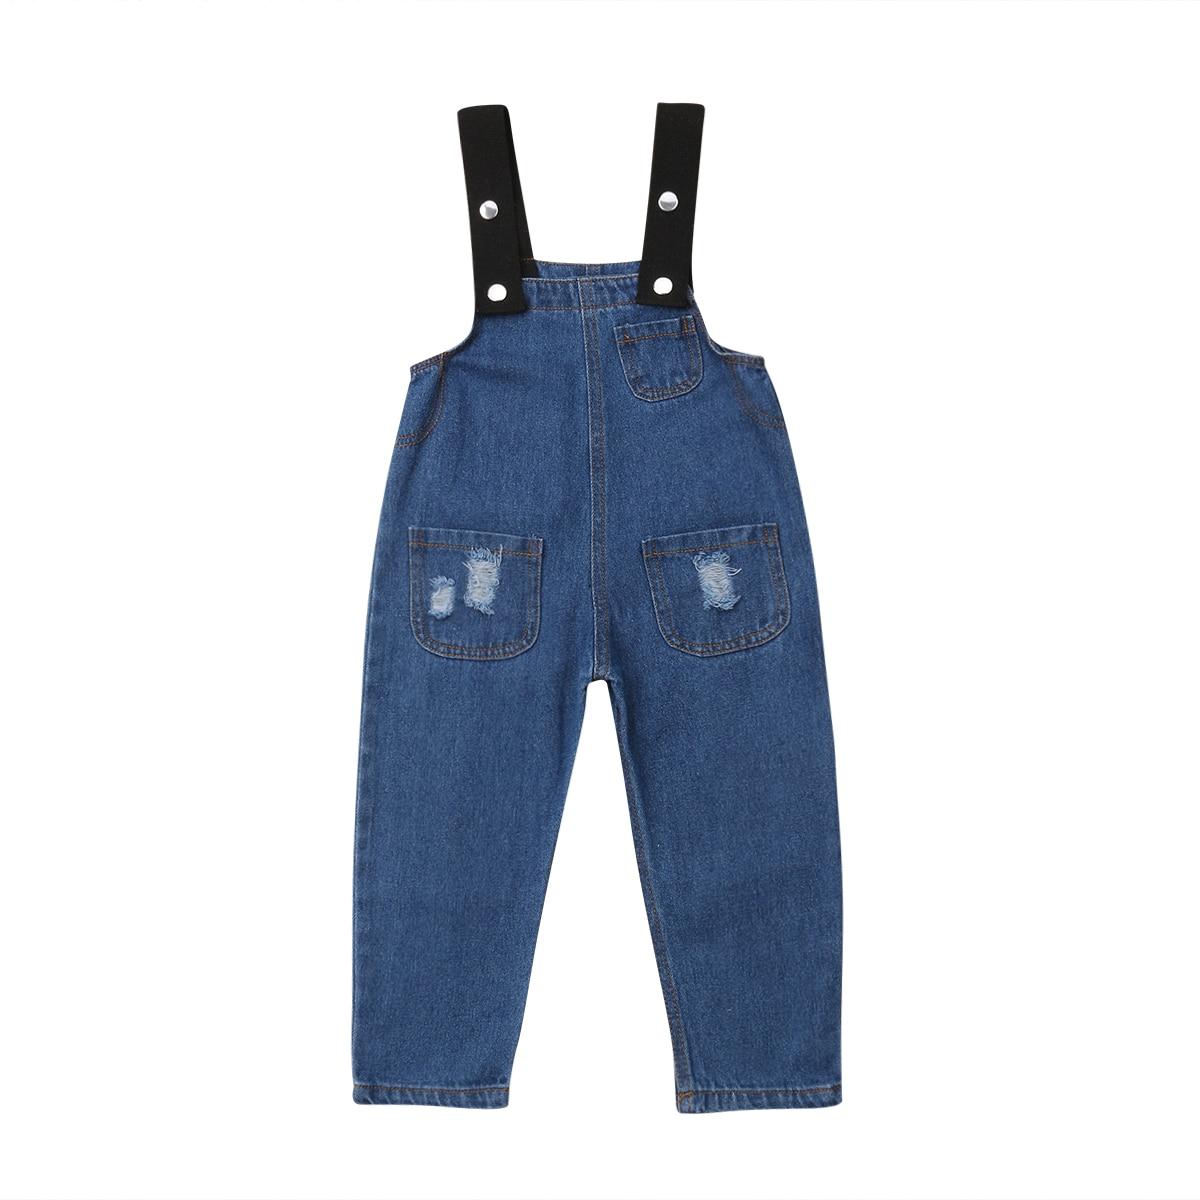 2-7y Mode Kleinkind Kinder Baby Mädchen Jungen Kausalen Overalls Hosen Blaue Taste Denim Loch Hosen Jeans Overalls